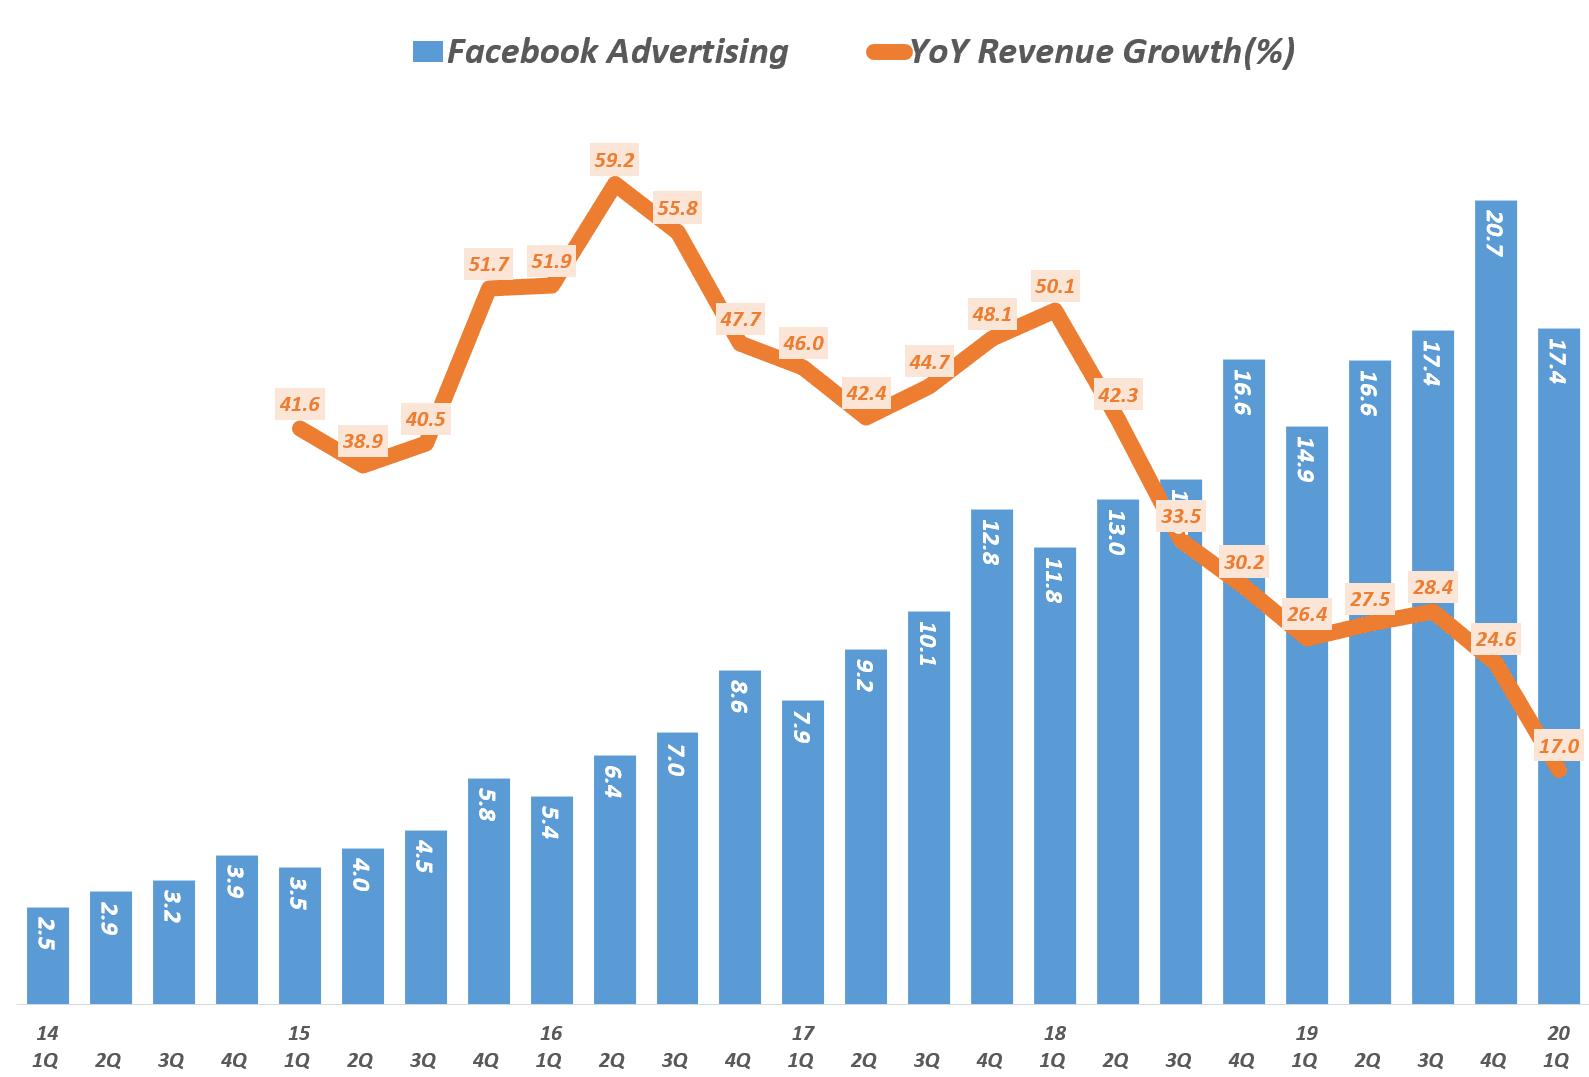 페이스북 분기별 광고 매출 및 전년 동기비 증가율( ~ 2020년 1분기), Data - invest.fb.com, Graph by Happist.